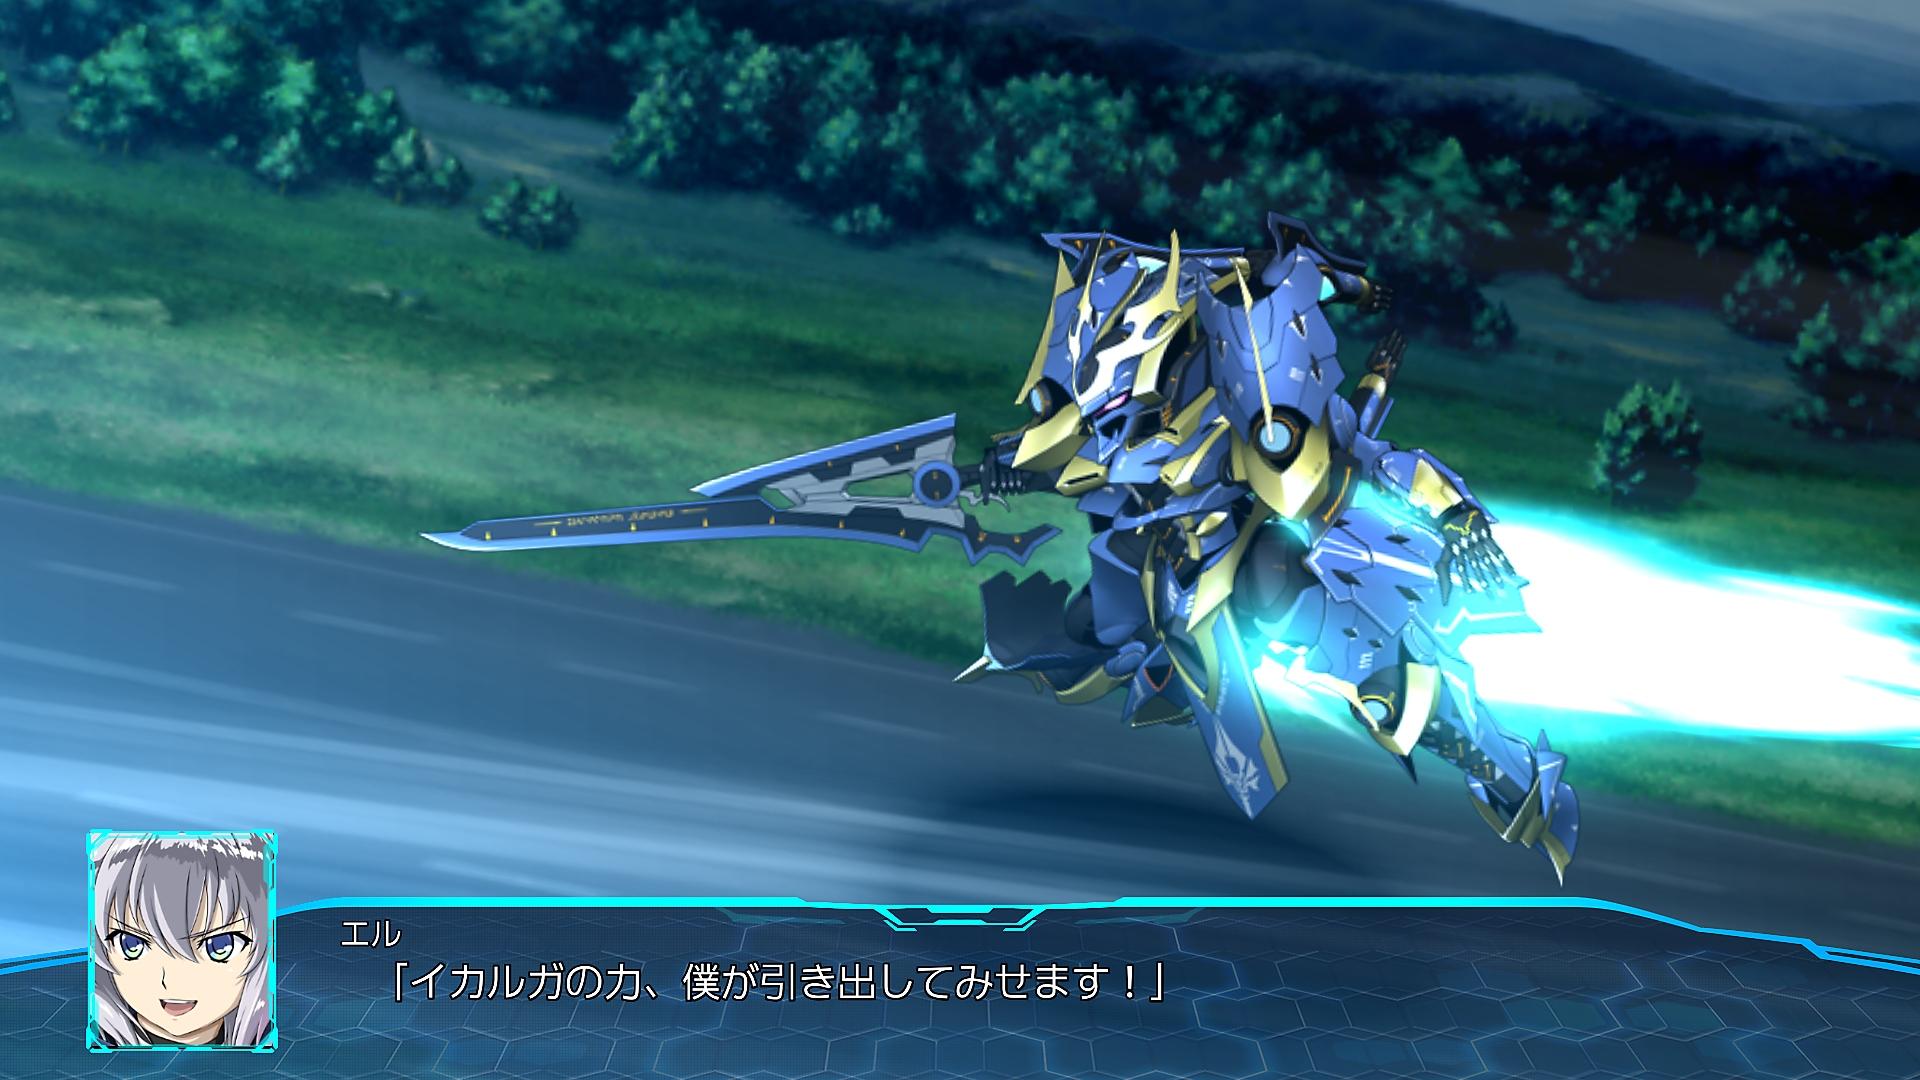 スーパーロボット大戦30 - Gallery Screenshot 4